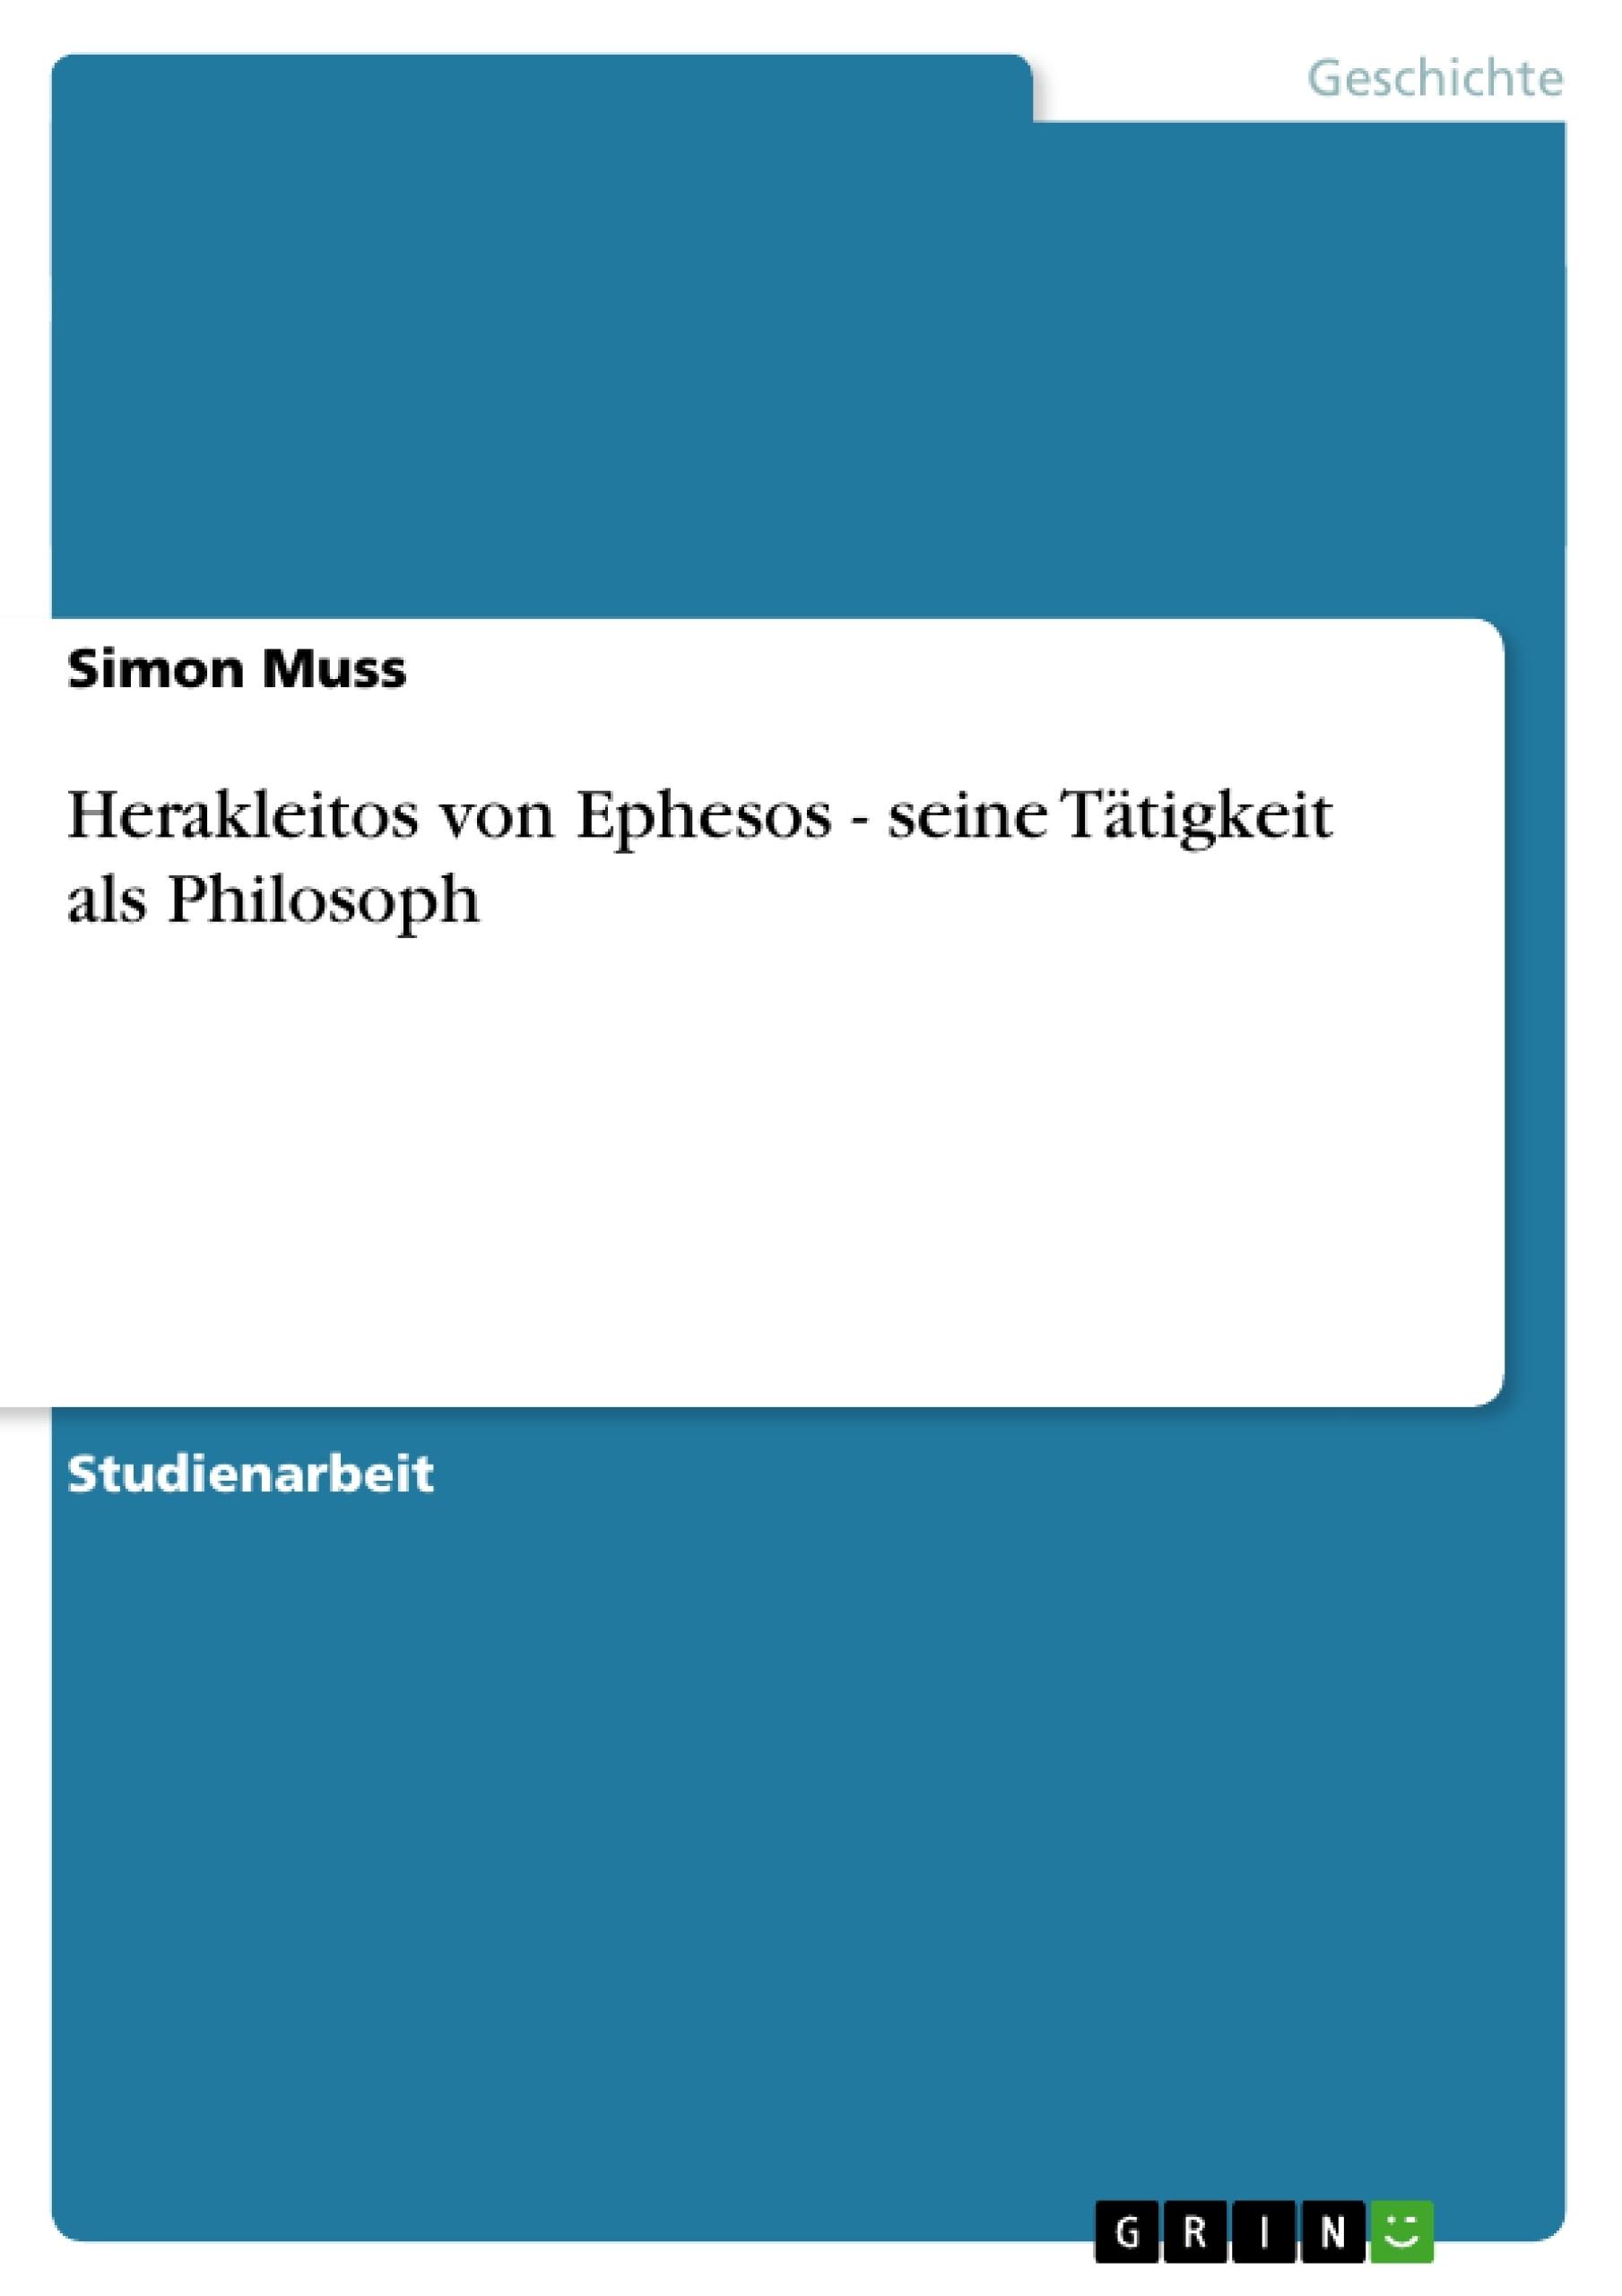 Titel: Herakleitos von Ephesos - seine Tätigkeit als Philosoph